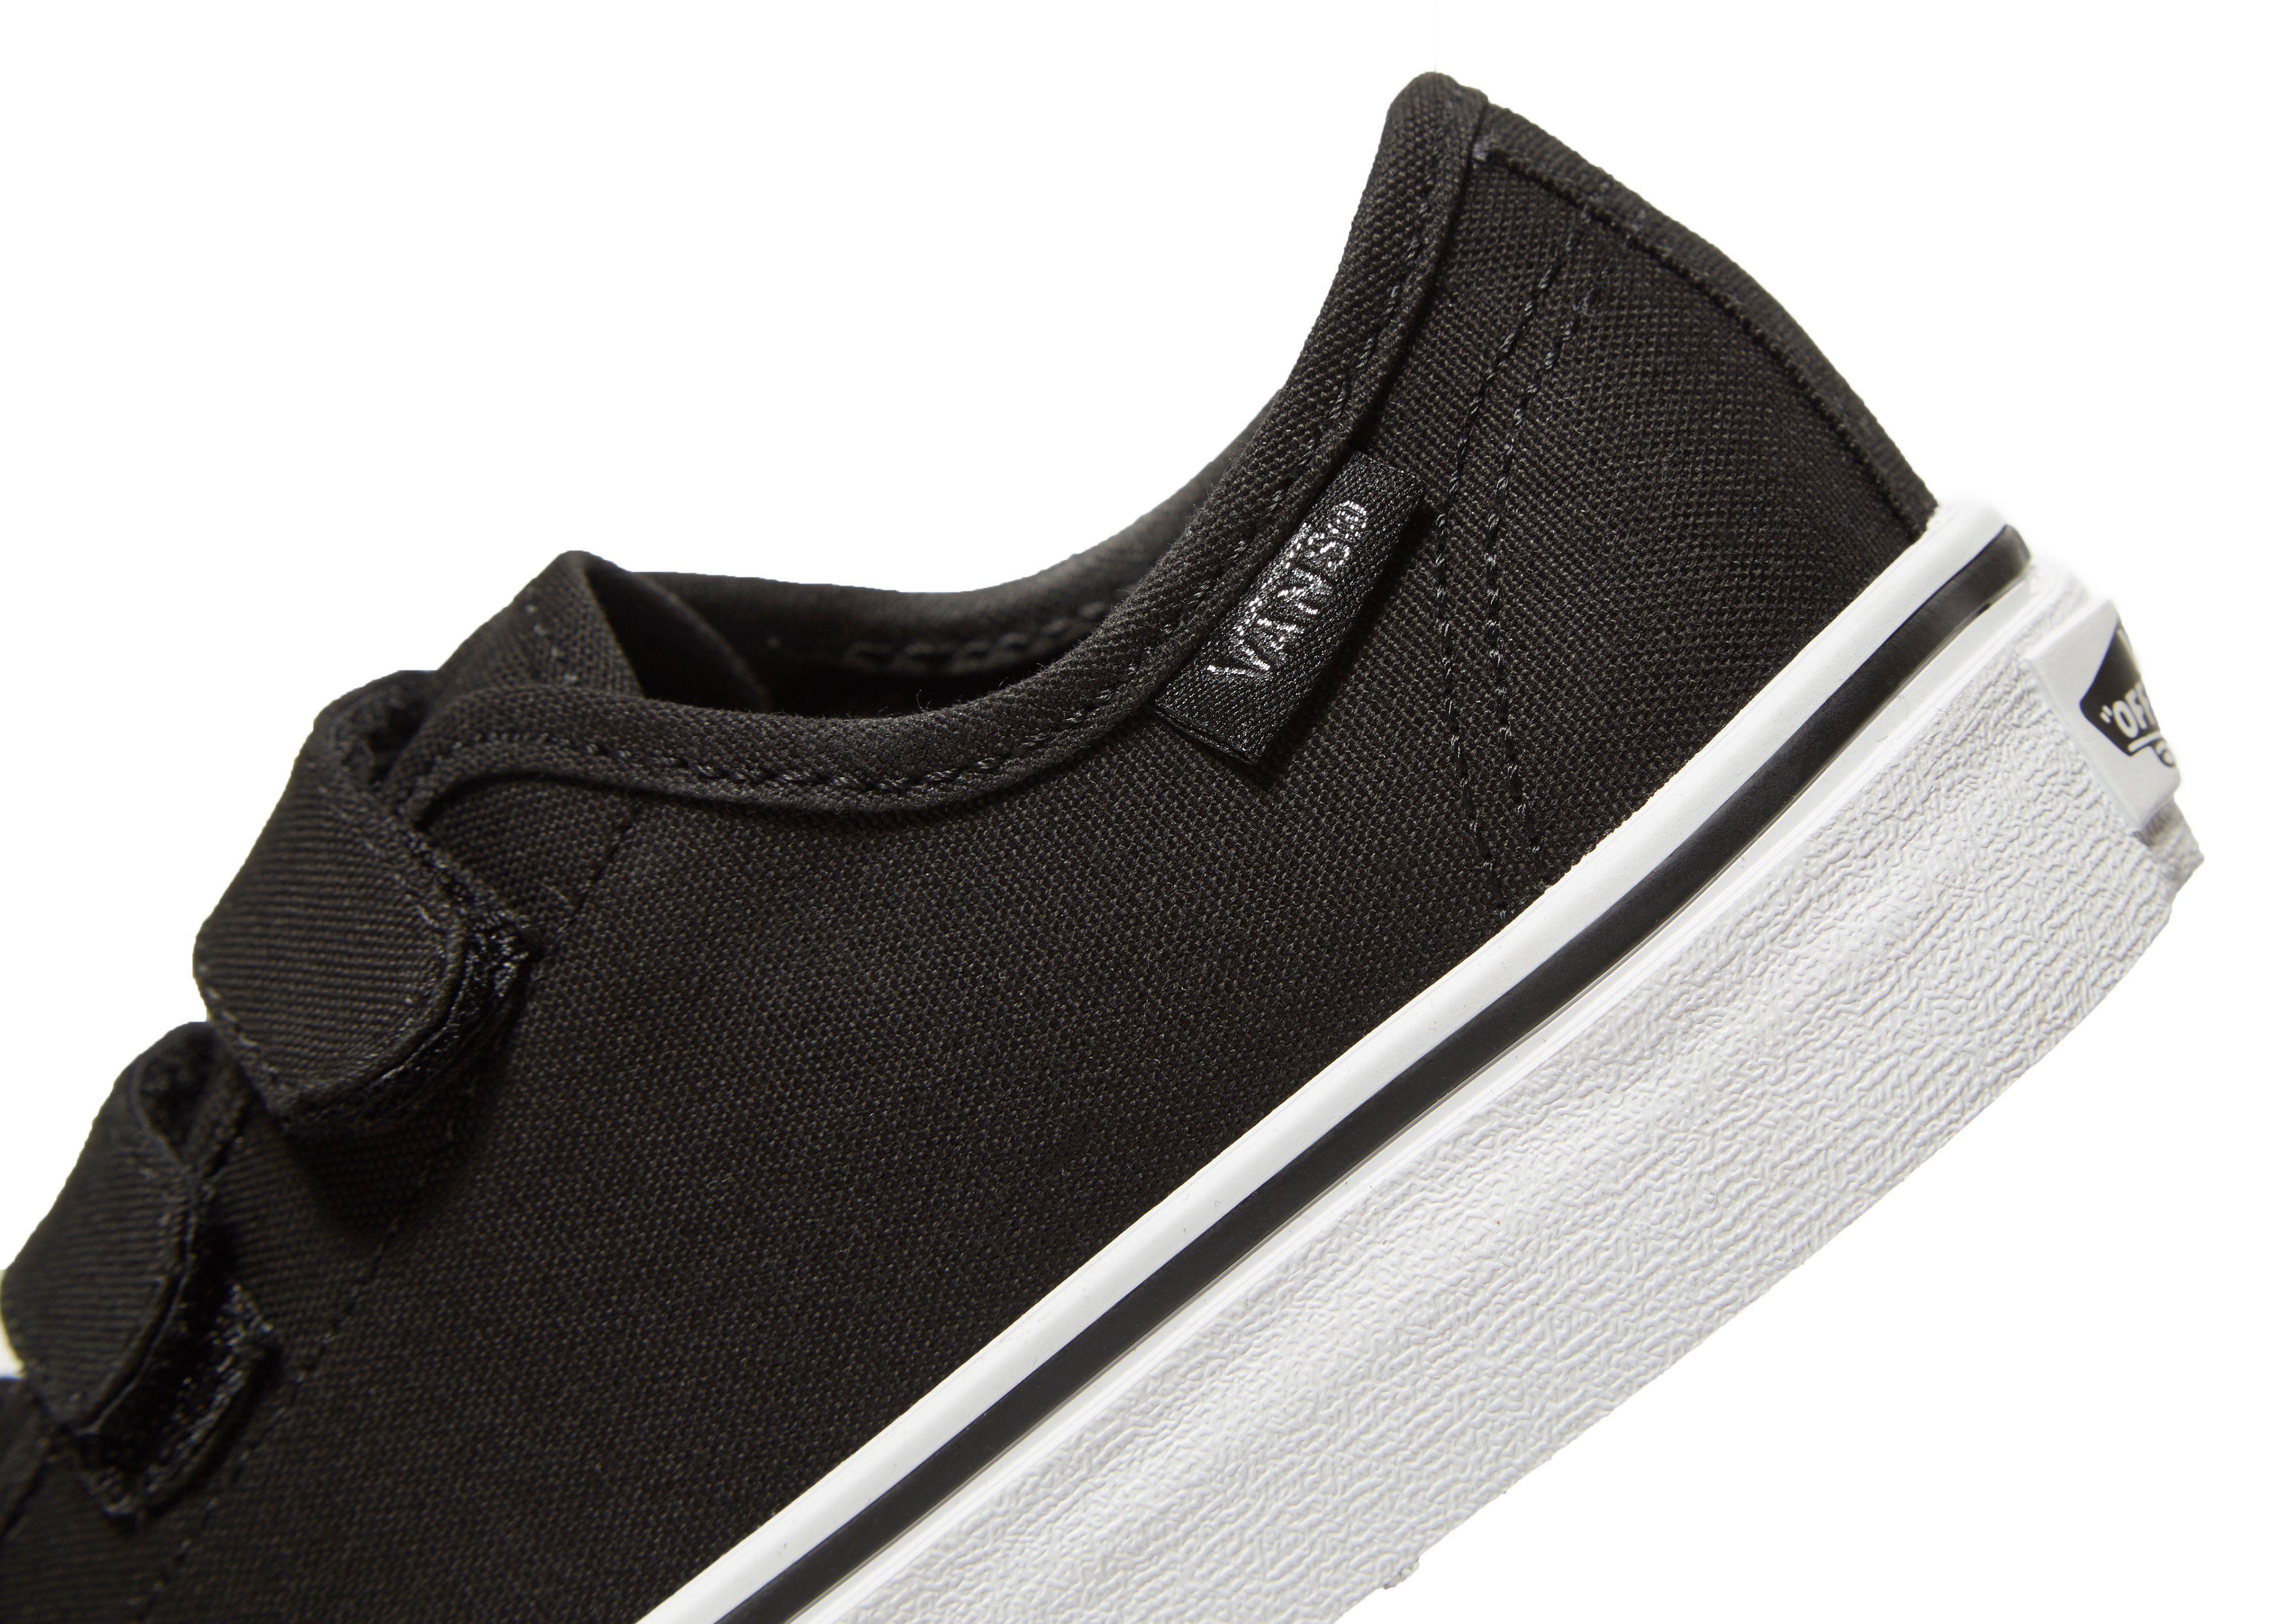 Vans Style 23 V Kinder Schwarz-Weiß/Grau Schwarz Professioneller Günstiger Preis Niedriger Versand Zum Verkauf Billig Verkauf Ebay QHU8hfC